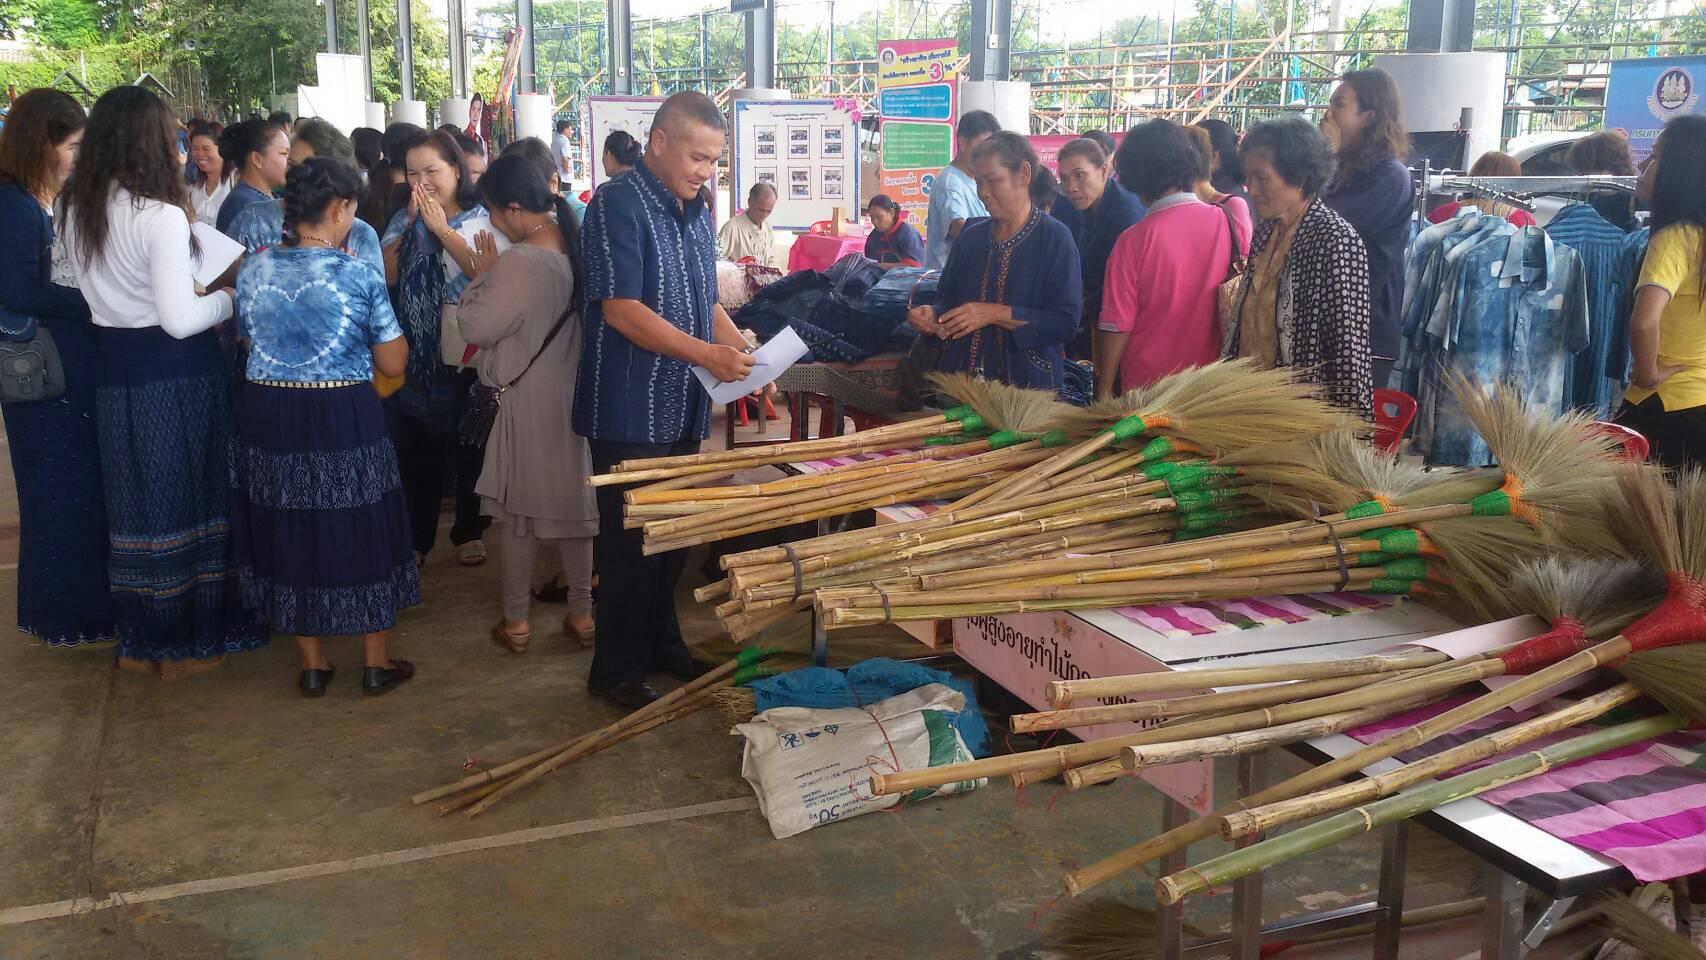 สำนักงานจัดหางานจังหวัดสกลนคร ร่วมจัดกิจกรรมกับหน่วยงานสังกัดกระทรวงแรงงานในจังหวัดสกลนคร โครงการสาน-สร้าง-เสริมสุขแรงงานไทย ประจำปี2559